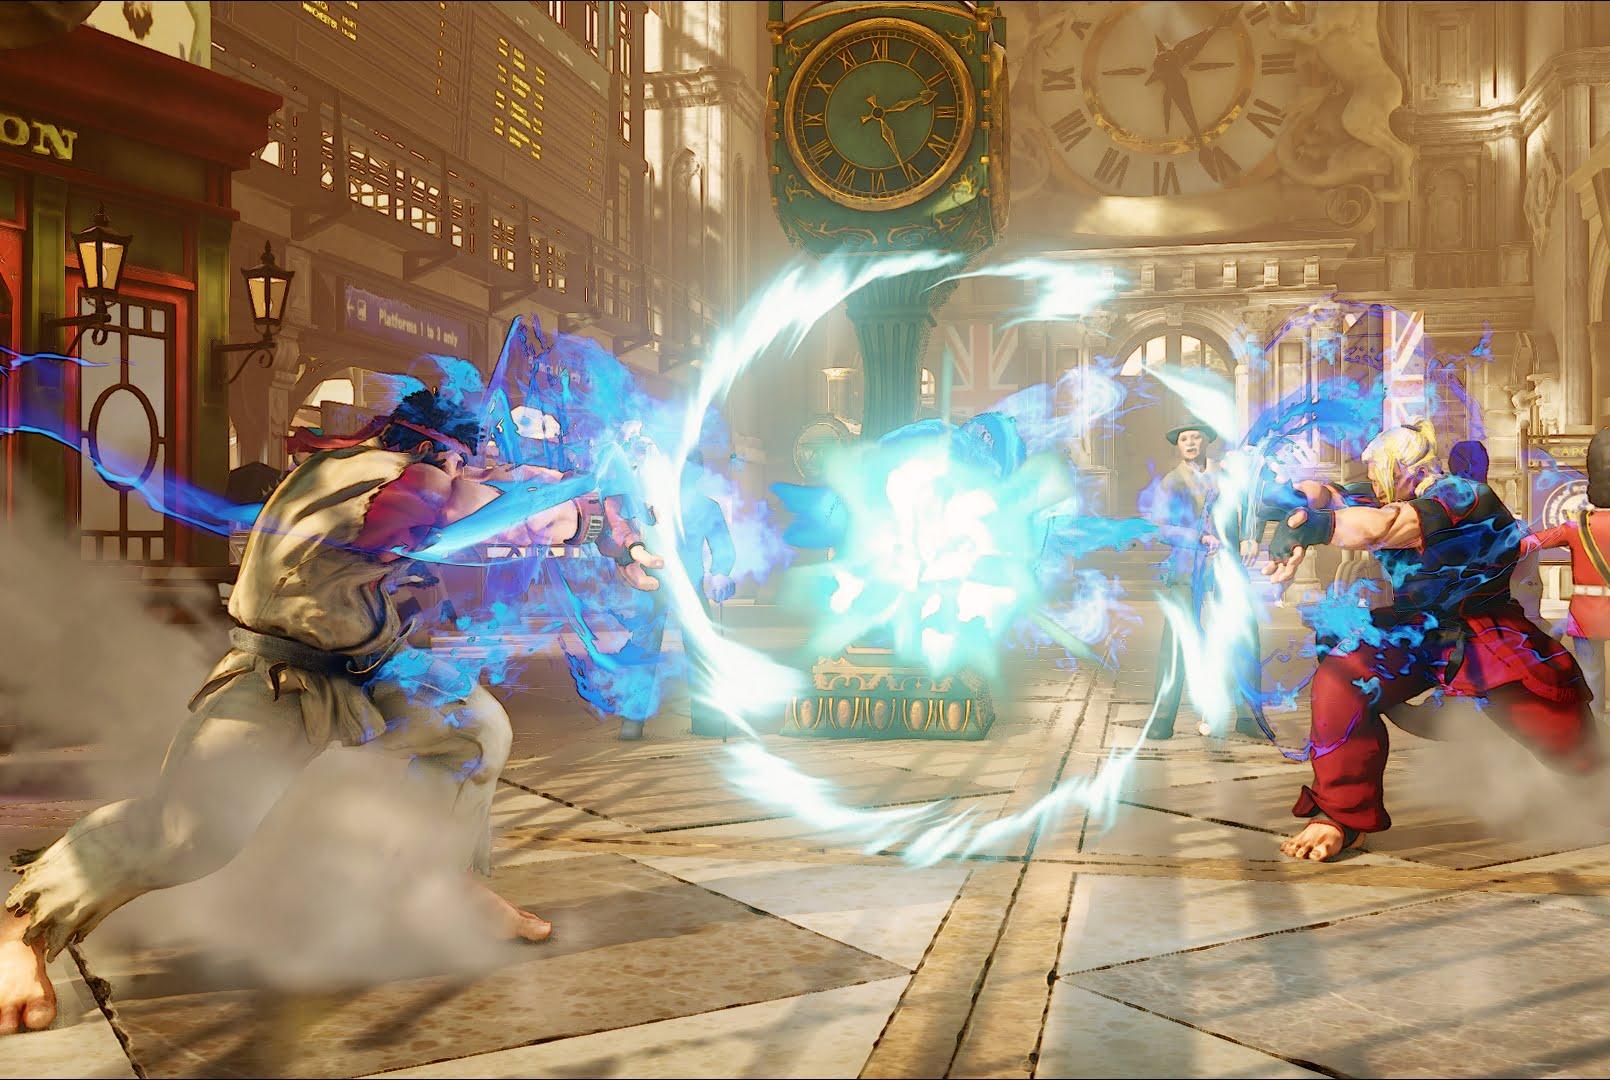 Ryu Vs Ken Street Fighter 5